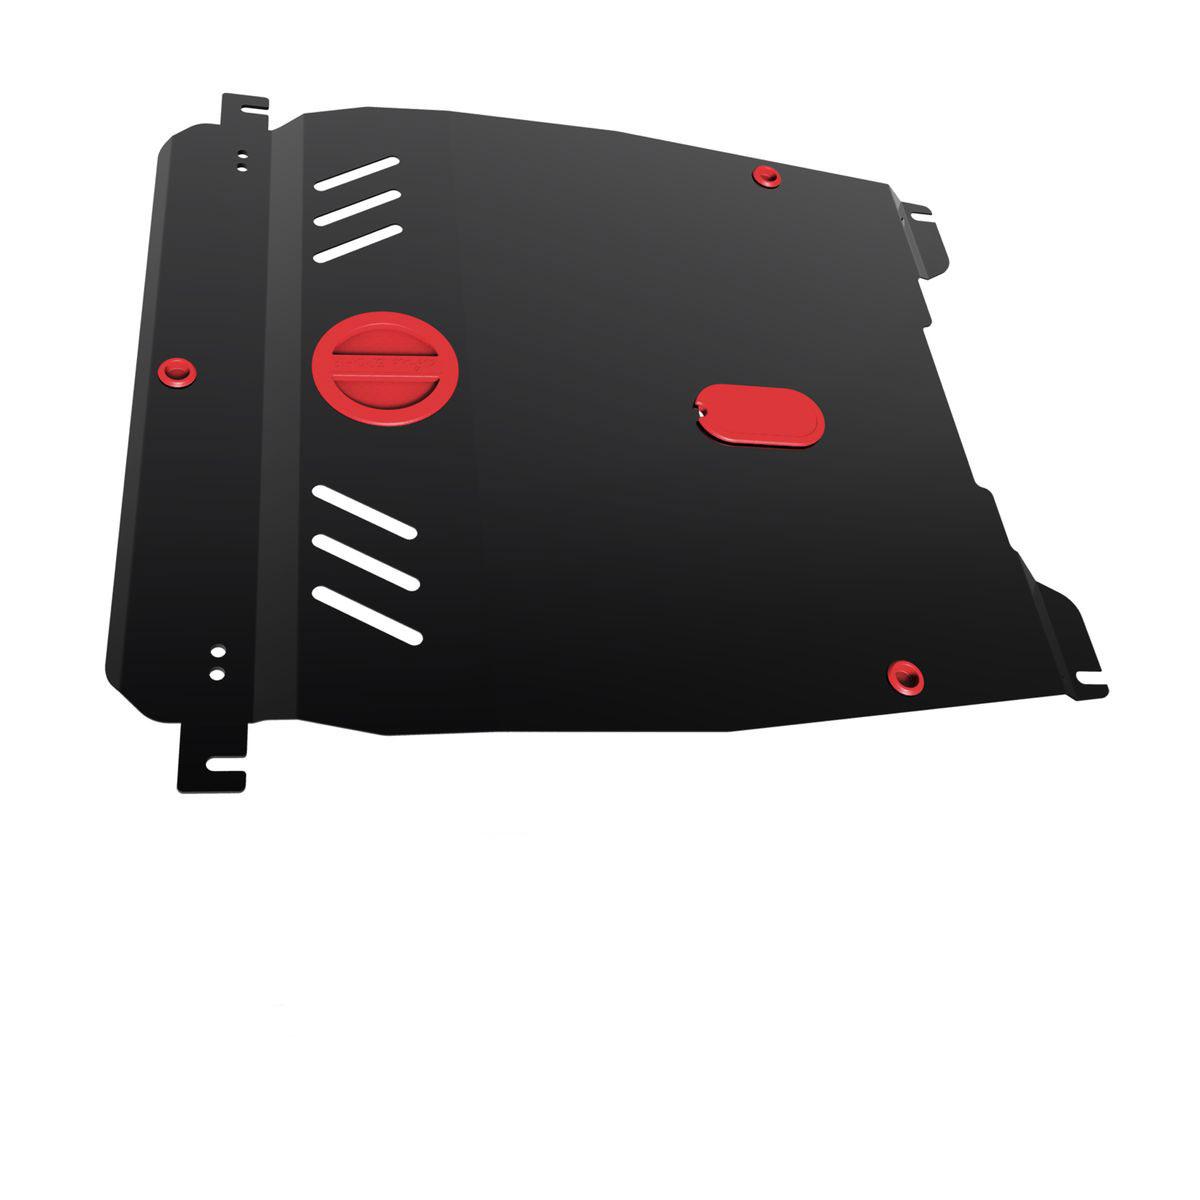 Защита картера и КПП Автоброня, для Chevrolet Lacetti V-1,4, 1,6; 1,8, 2004-2013111.01004.3Технологически совершенный продукт за невысокую стоимость. Защита разработана с учетом особенностей днища автомобиля, что позволяет сохранить дорожный просвет с минимальным изменением. Защита устанавливается в штатные места кузова автомобиля. Глубокий штамп обеспечивает до двух раз больше жесткости в сравнении с обычной защитой той же толщины. Проштампованные ребра жесткости препятствуют деформации защиты при ударах. Тепловой зазор и вентиляционные отверстия обеспечивают сохранение температурного режима двигателя в норме. Скрытый крепеж предотвращает срыв крепежных элементов при наезде на препятствие. Шумопоглощающие резиновые элементы обеспечивают комфортную езду без вибраций и скрежета металла, а съемные лючки для слива масла и замены фильтра - экономию средств и время. Конструкция изделия не влияет на пассивную безопасность автомобиля (при ударе защита не воздействует на деформационные зоны кузова). Со штатным крепежом. В комплекте инструкция по...